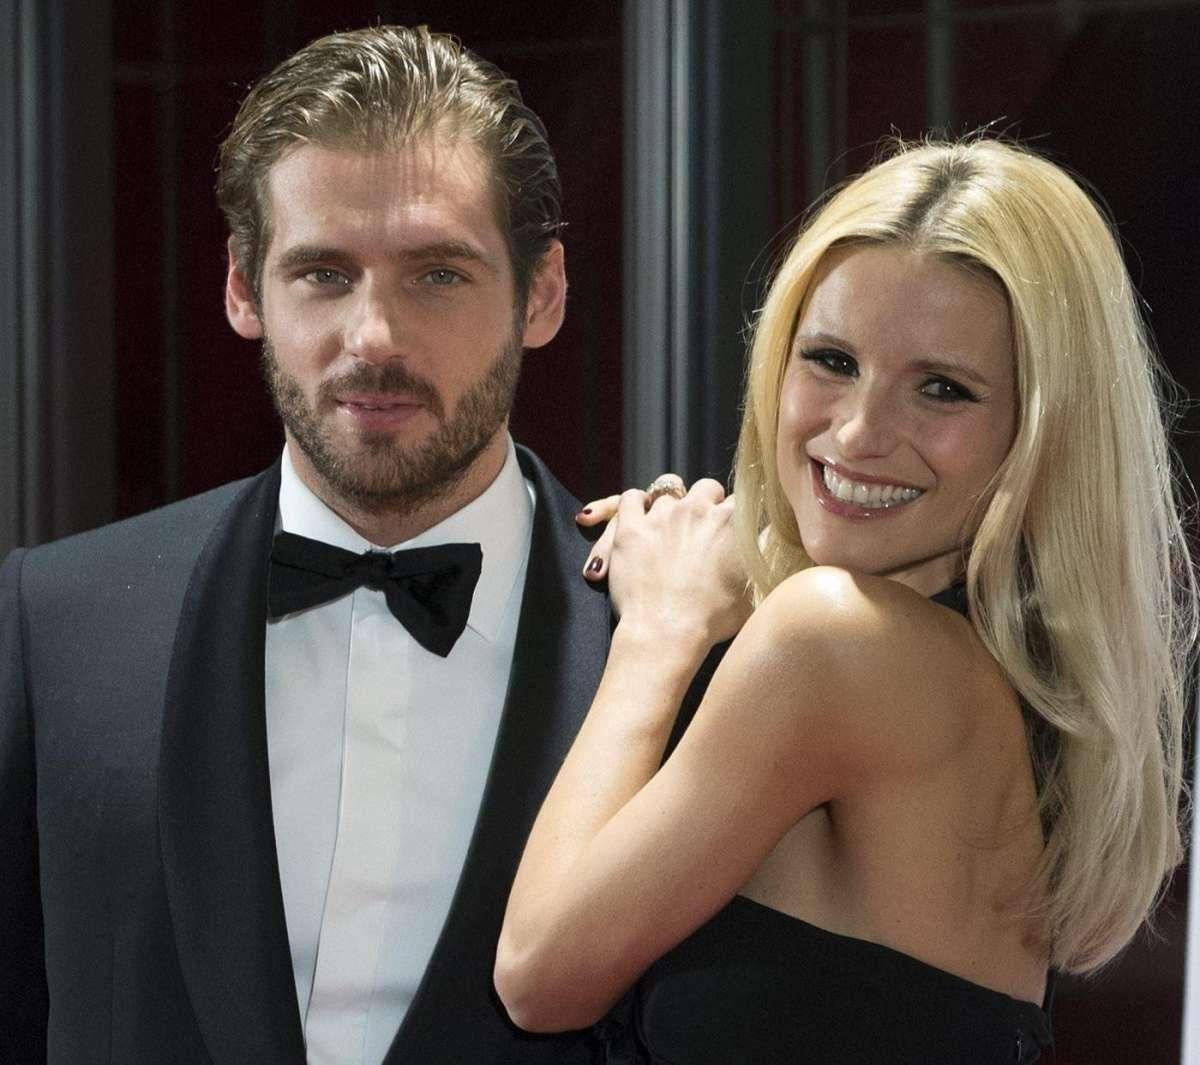 Michelle Hunziker e Tomaso Trussardi, matrimonio il 10 ottobre: il figlio sarà un maschietto? Loro lo sanno già